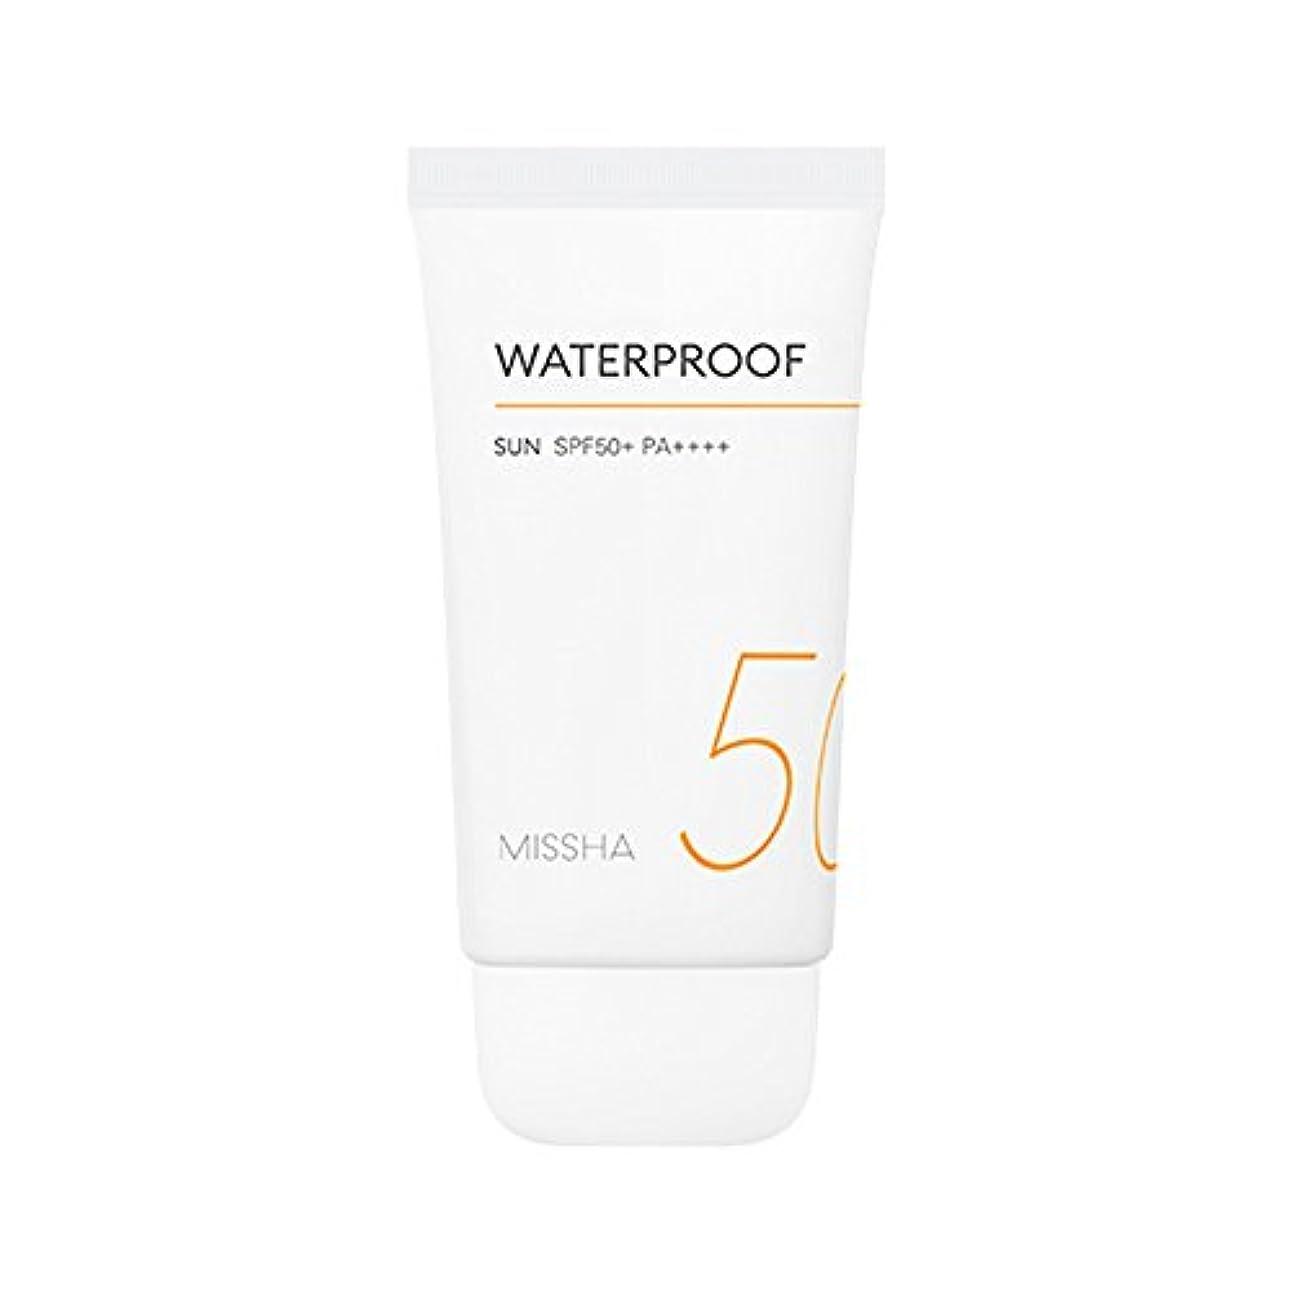 サイバースペース入浴ペインギリックMissha All Around Safe Block Waterproof Sun SPF50+ PA++++ 50ml ミシャ オール アラウンド セーフ ブロック ウォータープルーフ サン 50ml [並行輸入品]